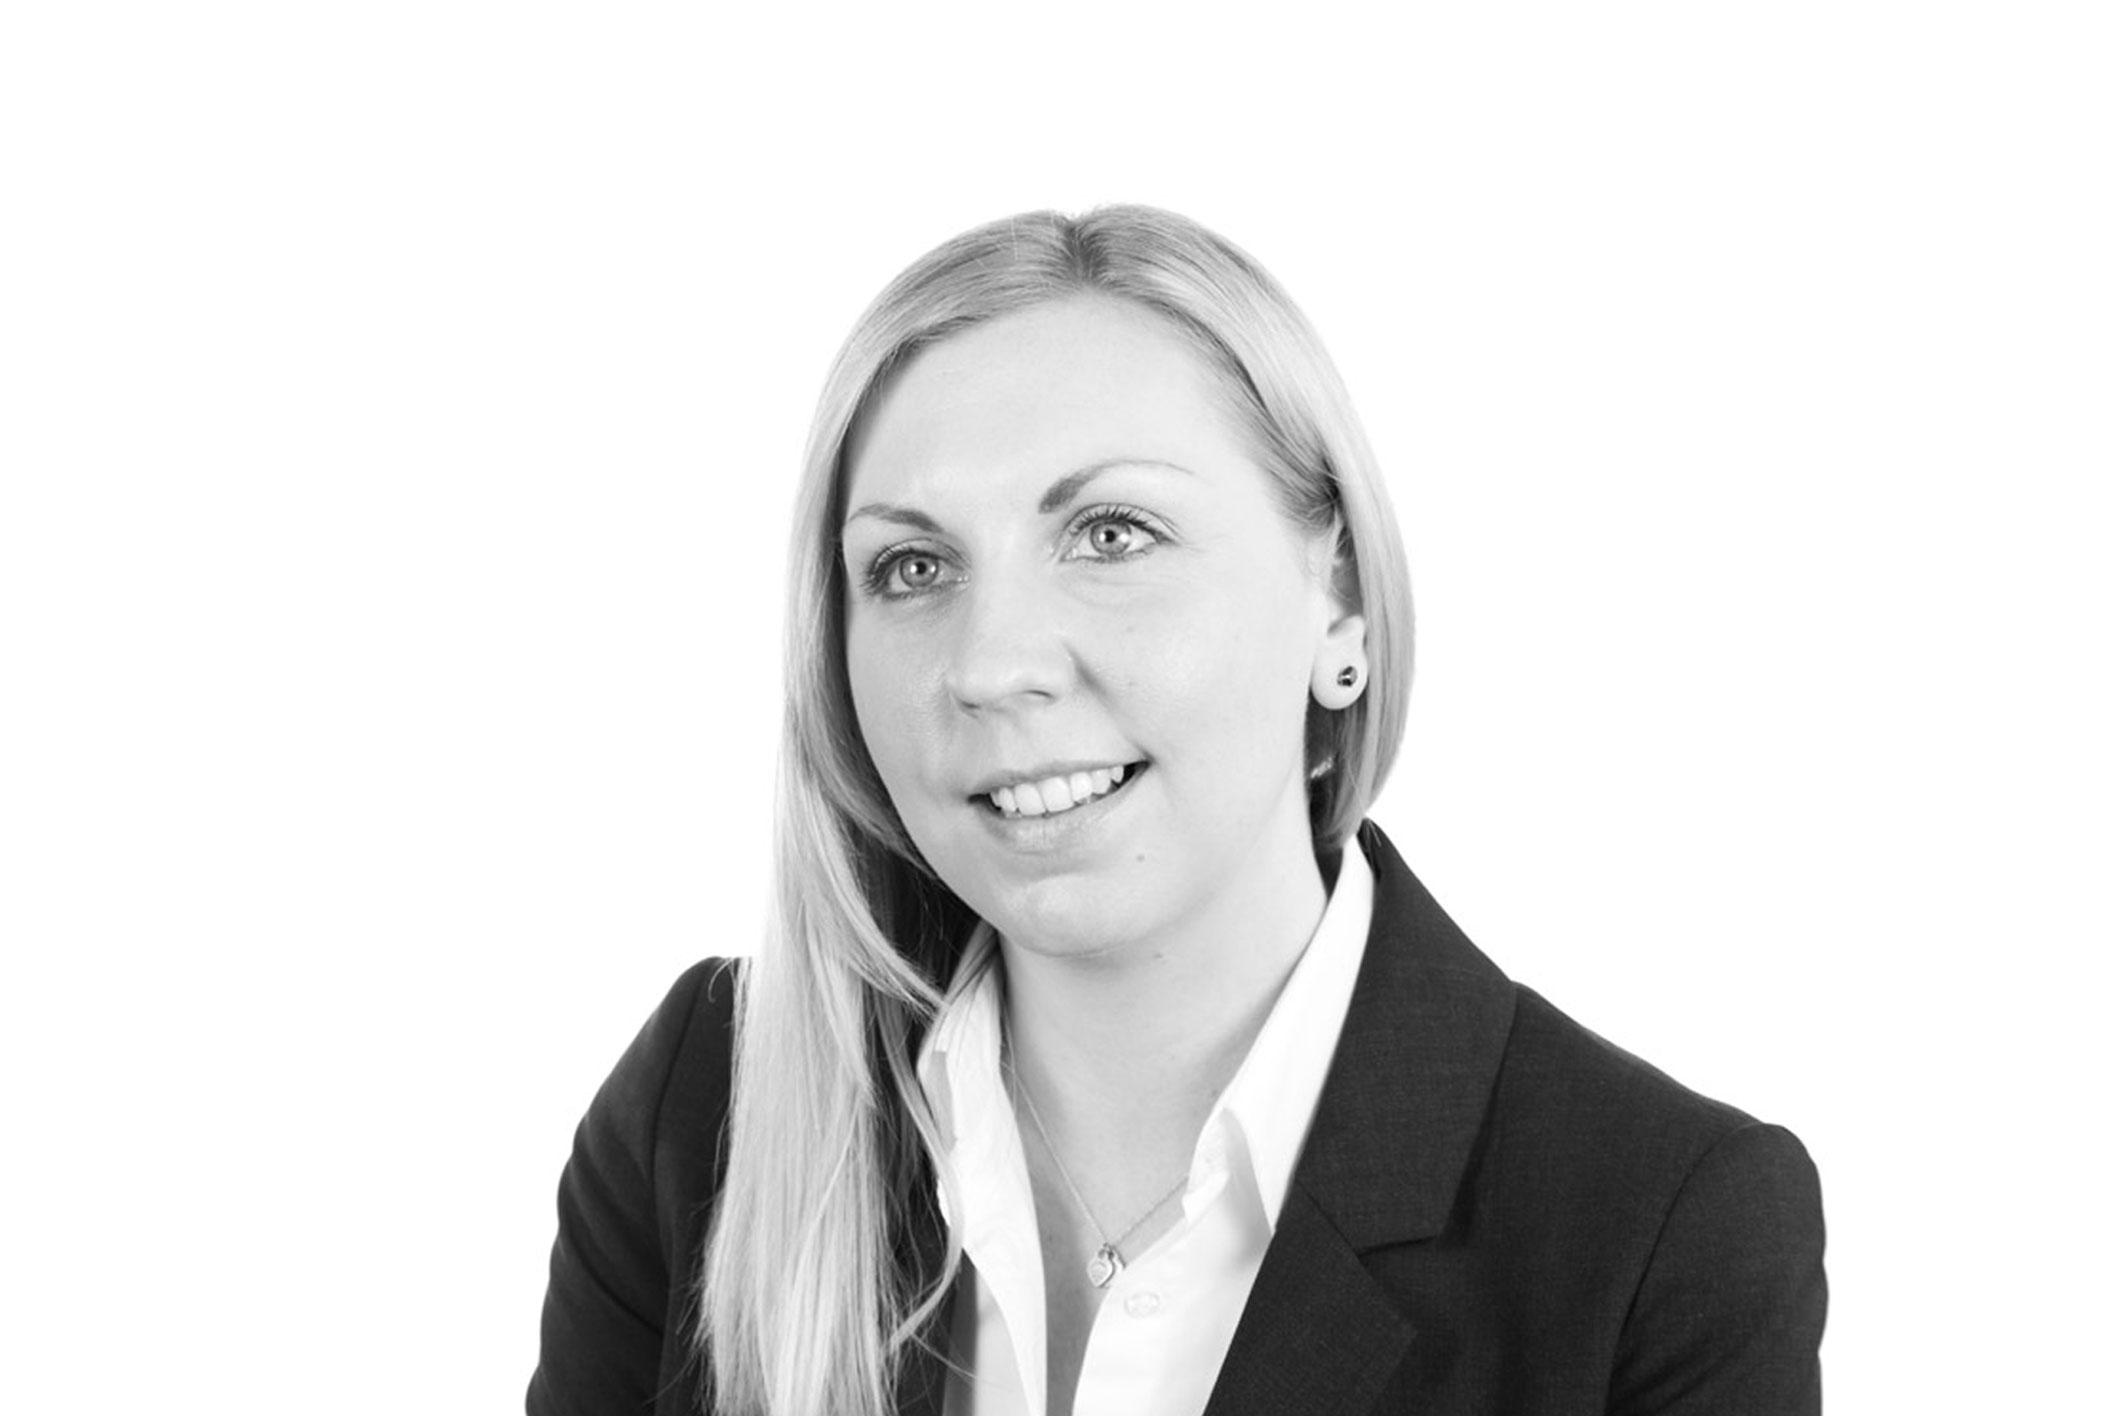 Rachael Somerset - Principal Associate